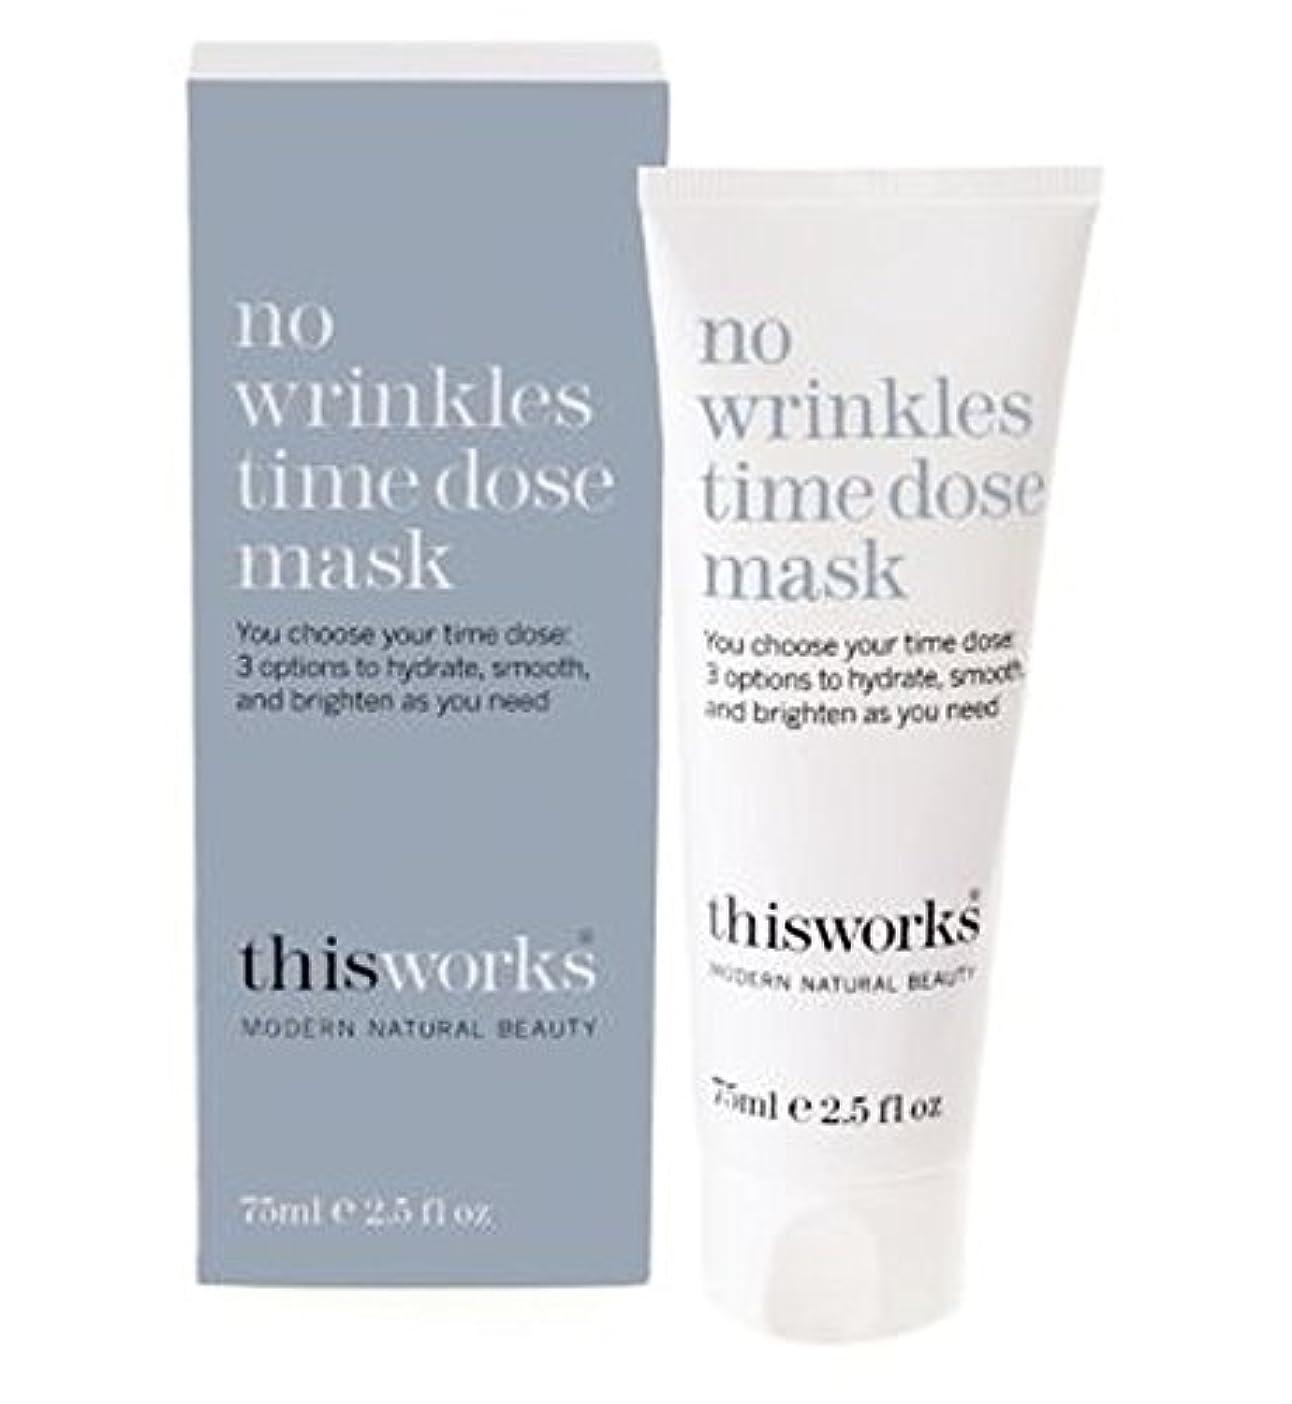 買うカレンダー残るThis Works No Wrinkles Time Dose Mask 75ml - これにはしわ時間線量マスクの75ミリリットルの作品はありません (This Works) [並行輸入品]